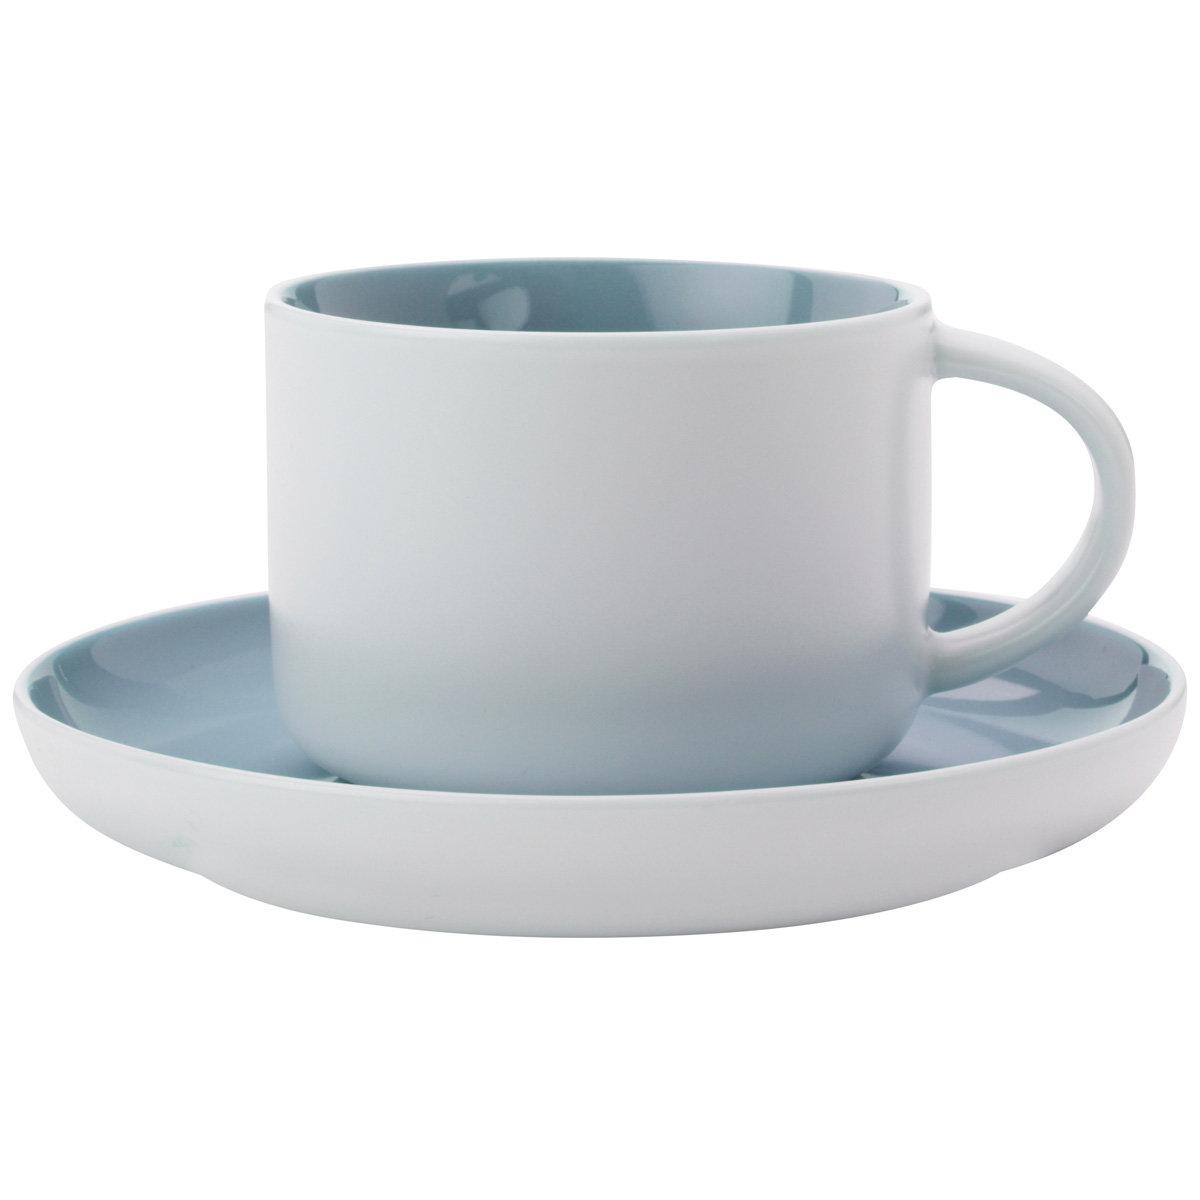 Пара чайная Оттенки голубая 250мл фарфор